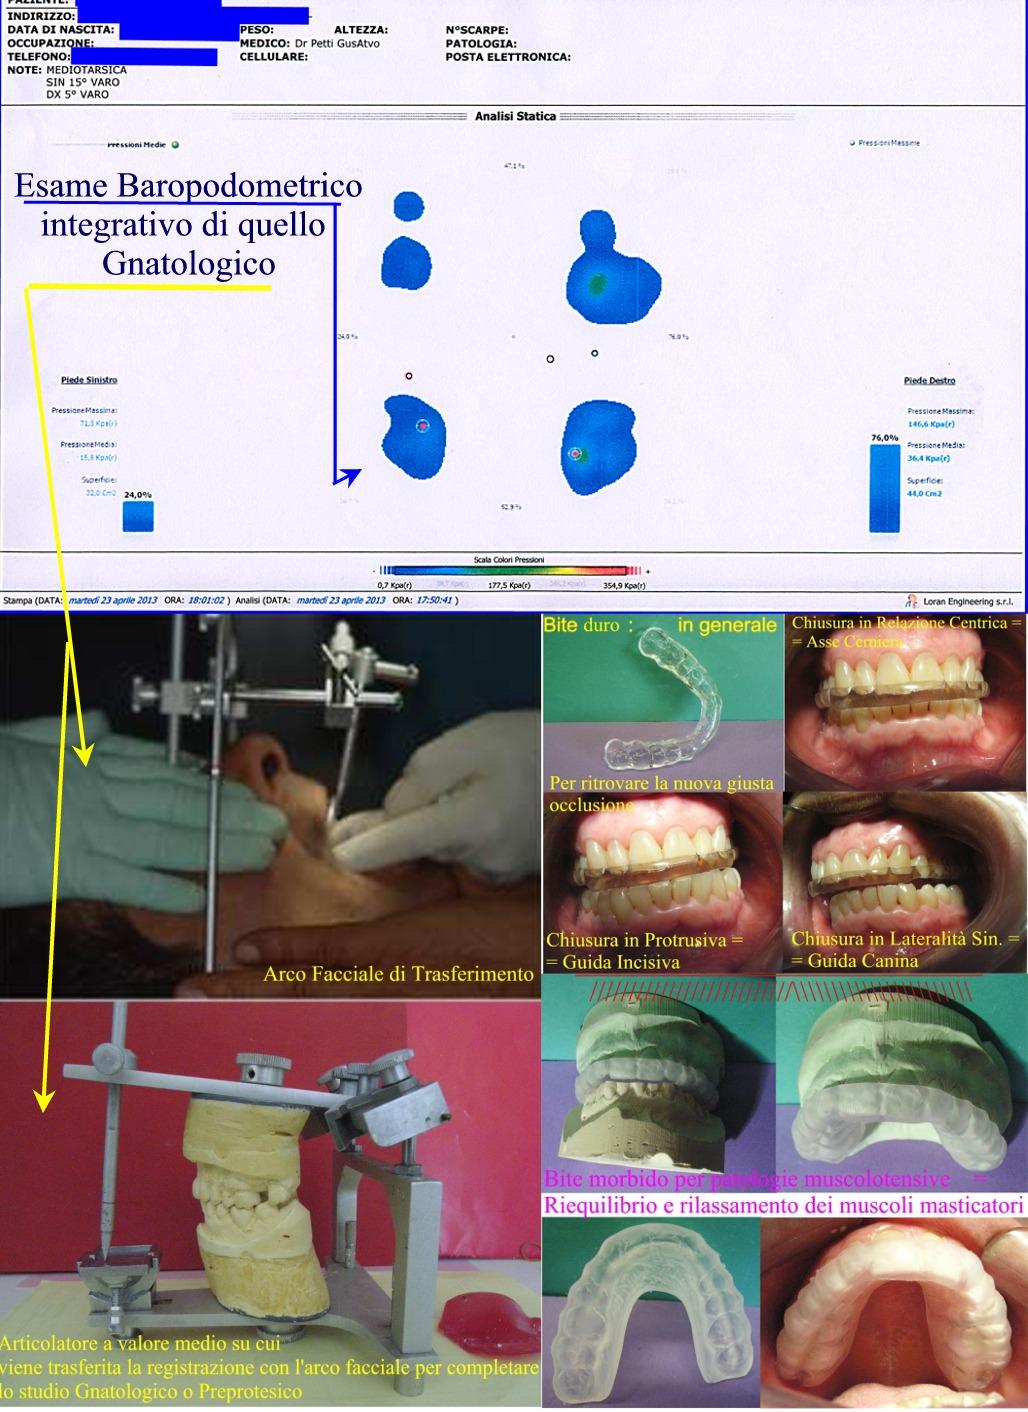 Arco Facciale Vari tipi di Bite e Esame Computerizzato stabilopodometrico come esempi tra i tanti accertamente Gnatologici. Da casistica del Dr. Gustavo Petti Parodontologo Gnatologo di Cagliari